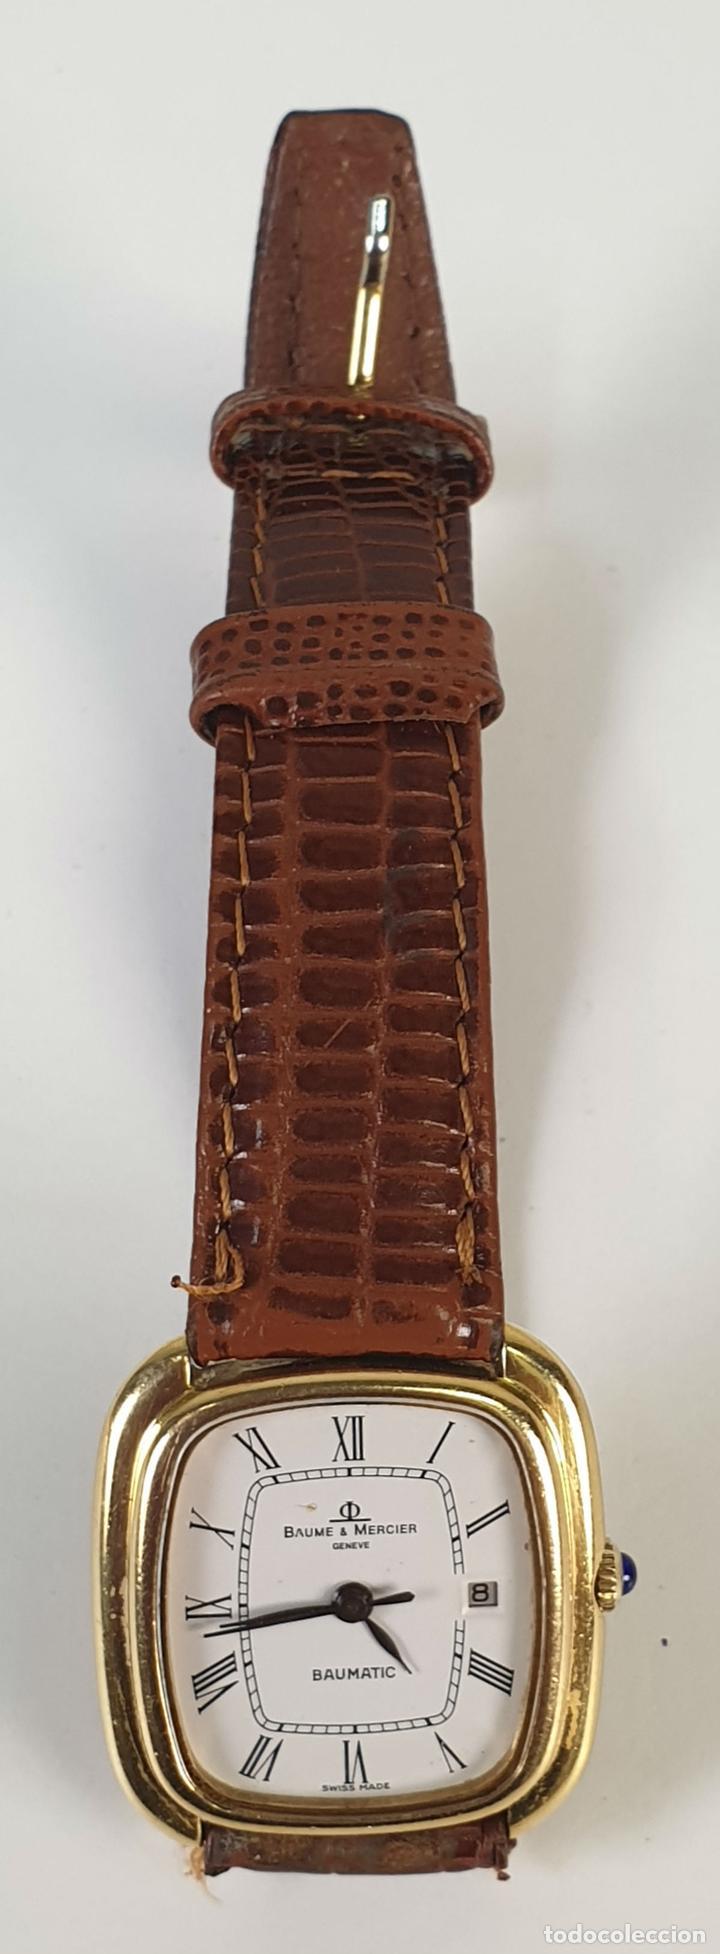 RELOJ DE PULSERA. BAUME AND MERCIER. BAUMATIC. ORO DE 18 KT. SUIZA. CIRCA 1970. (Relojes - Relojes Automáticos)